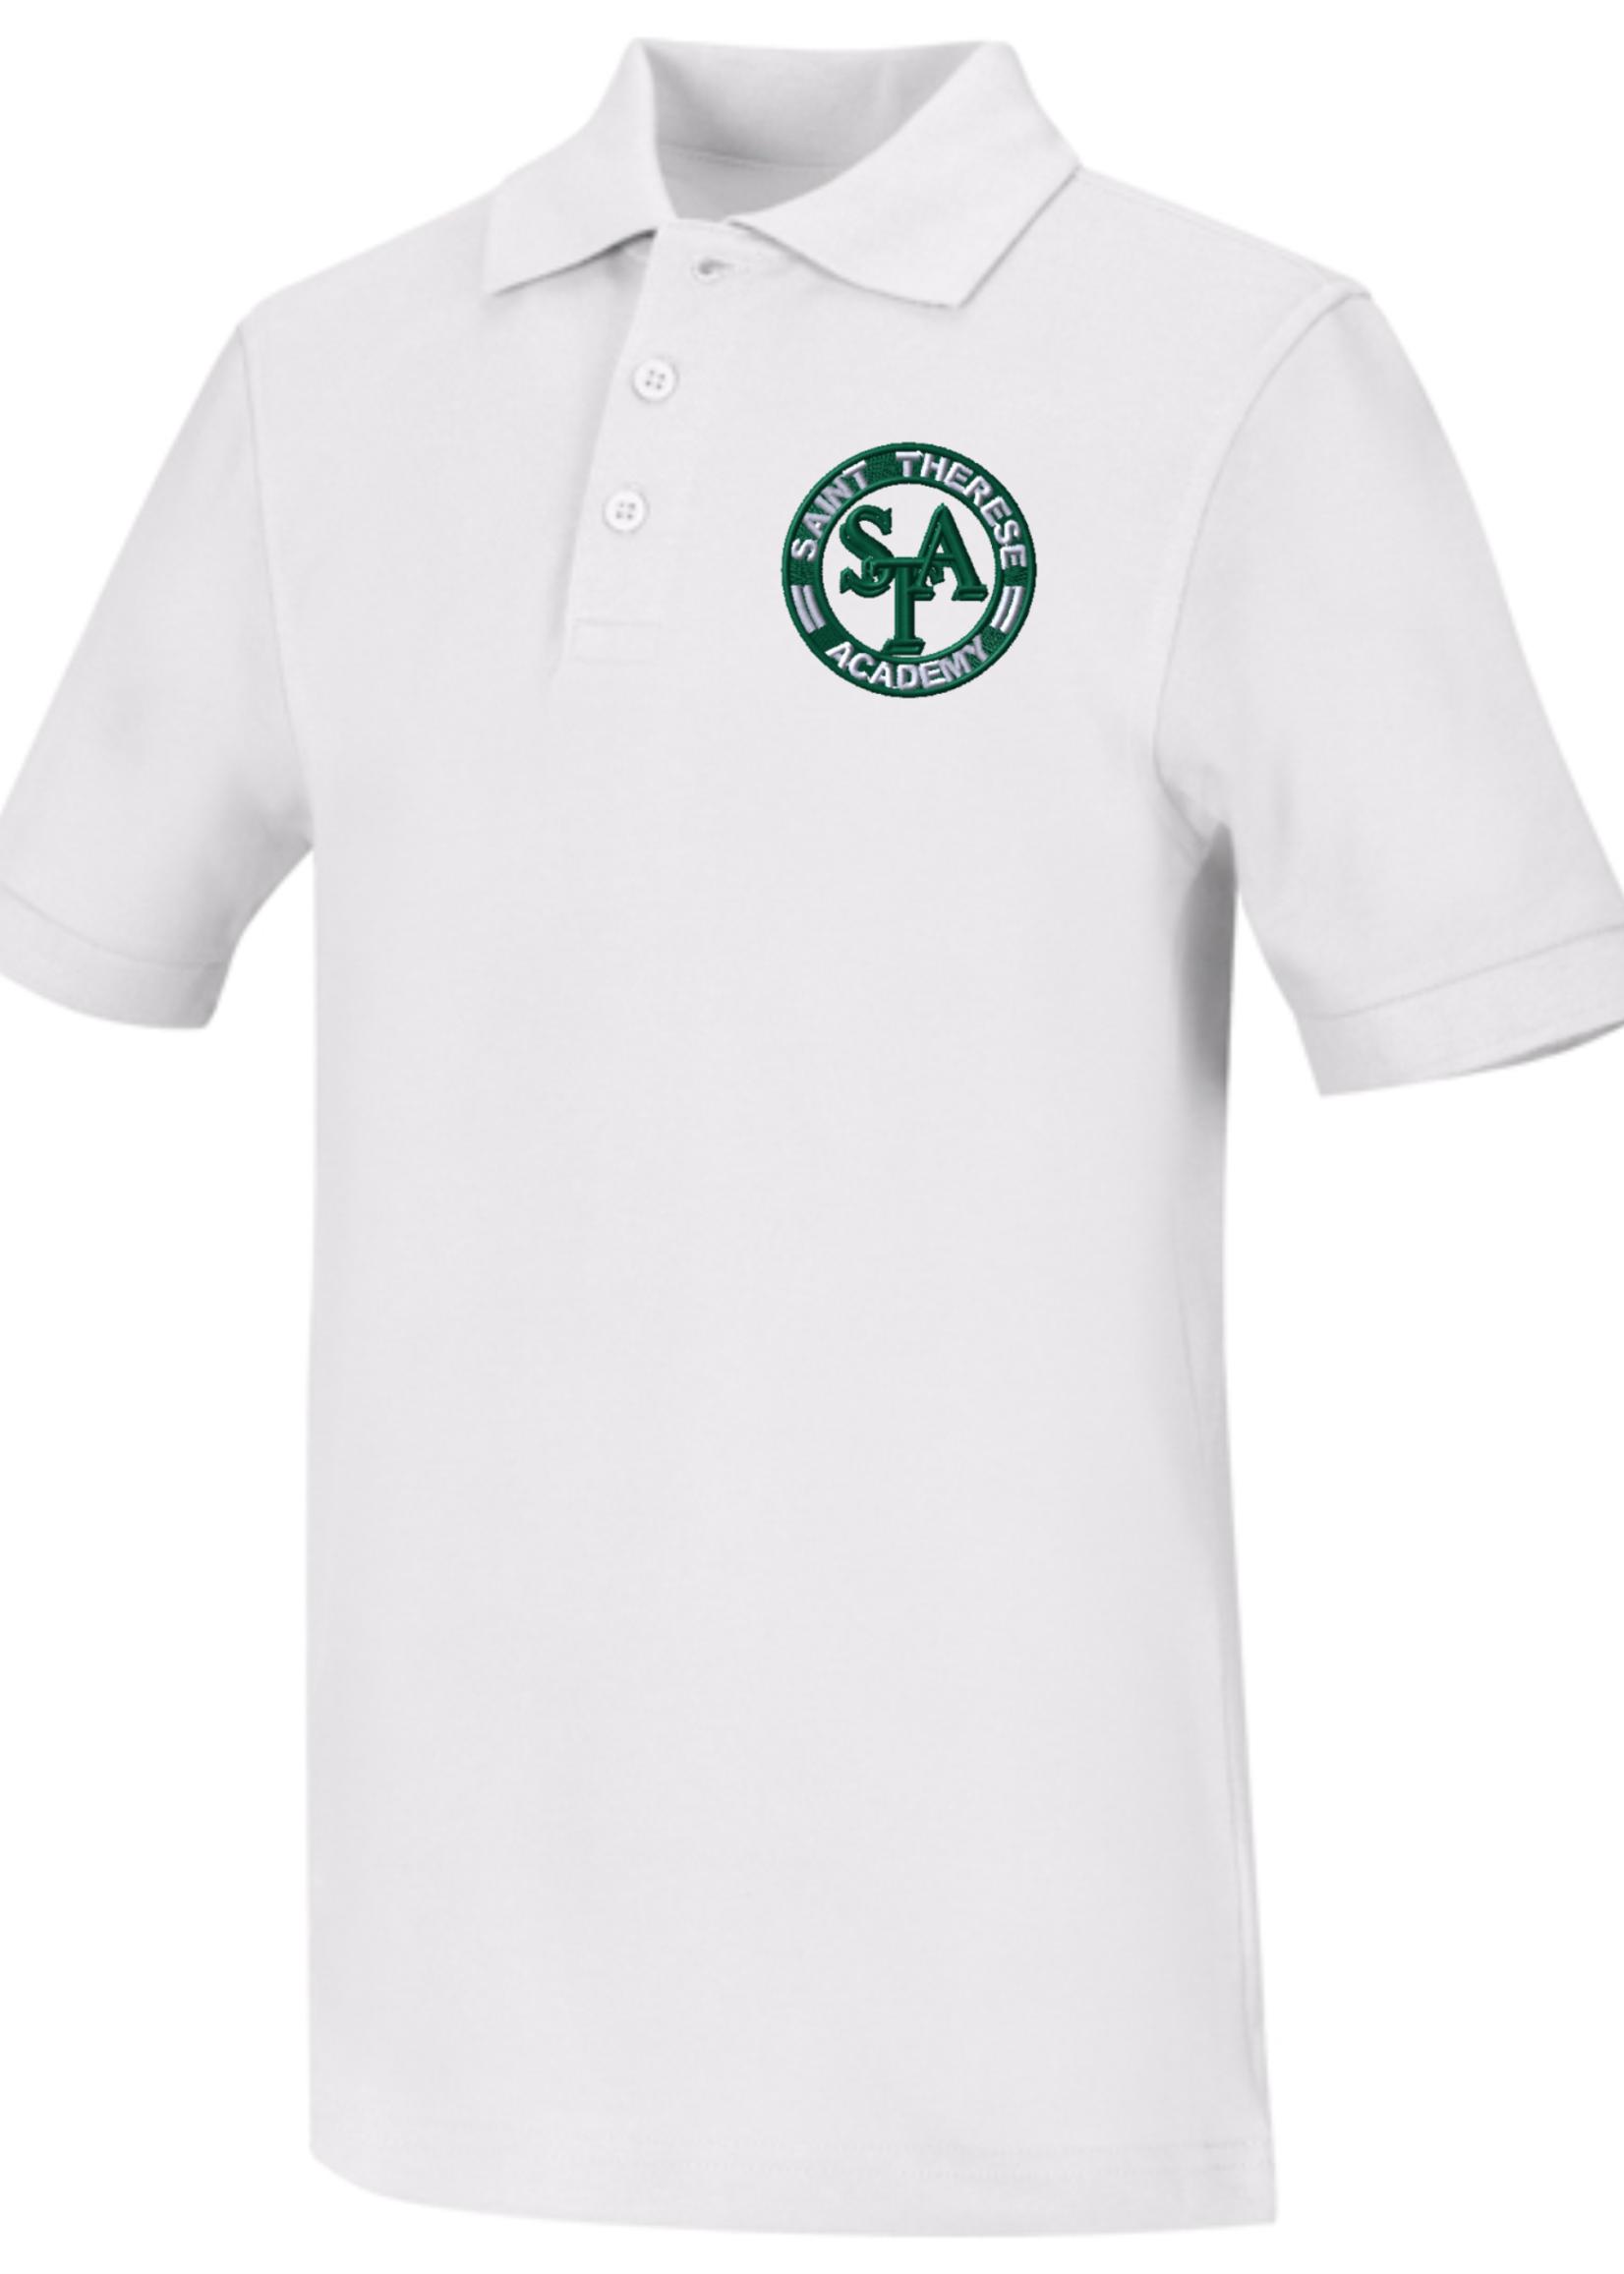 STA Short Sleeve Pique Polo 68